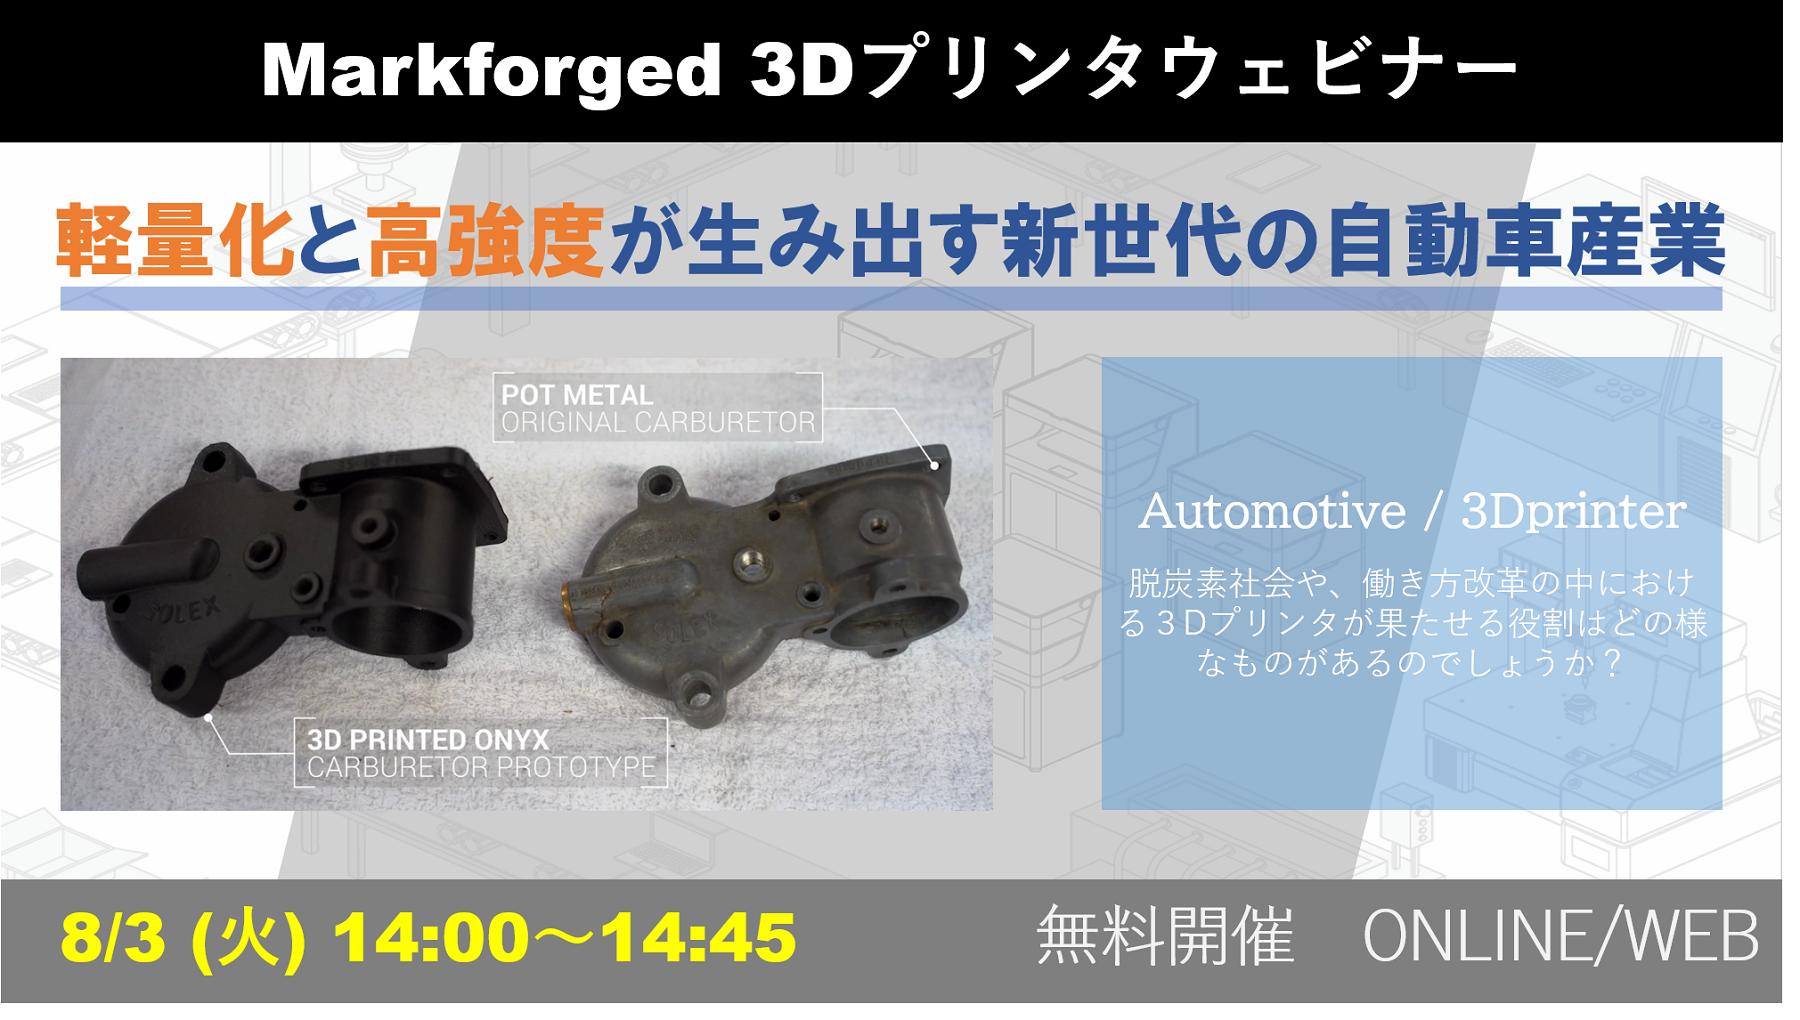 9/7(火)14:00~14:45|Markforged社製3Dプリンタウェビナーのご案内⇒終了しました